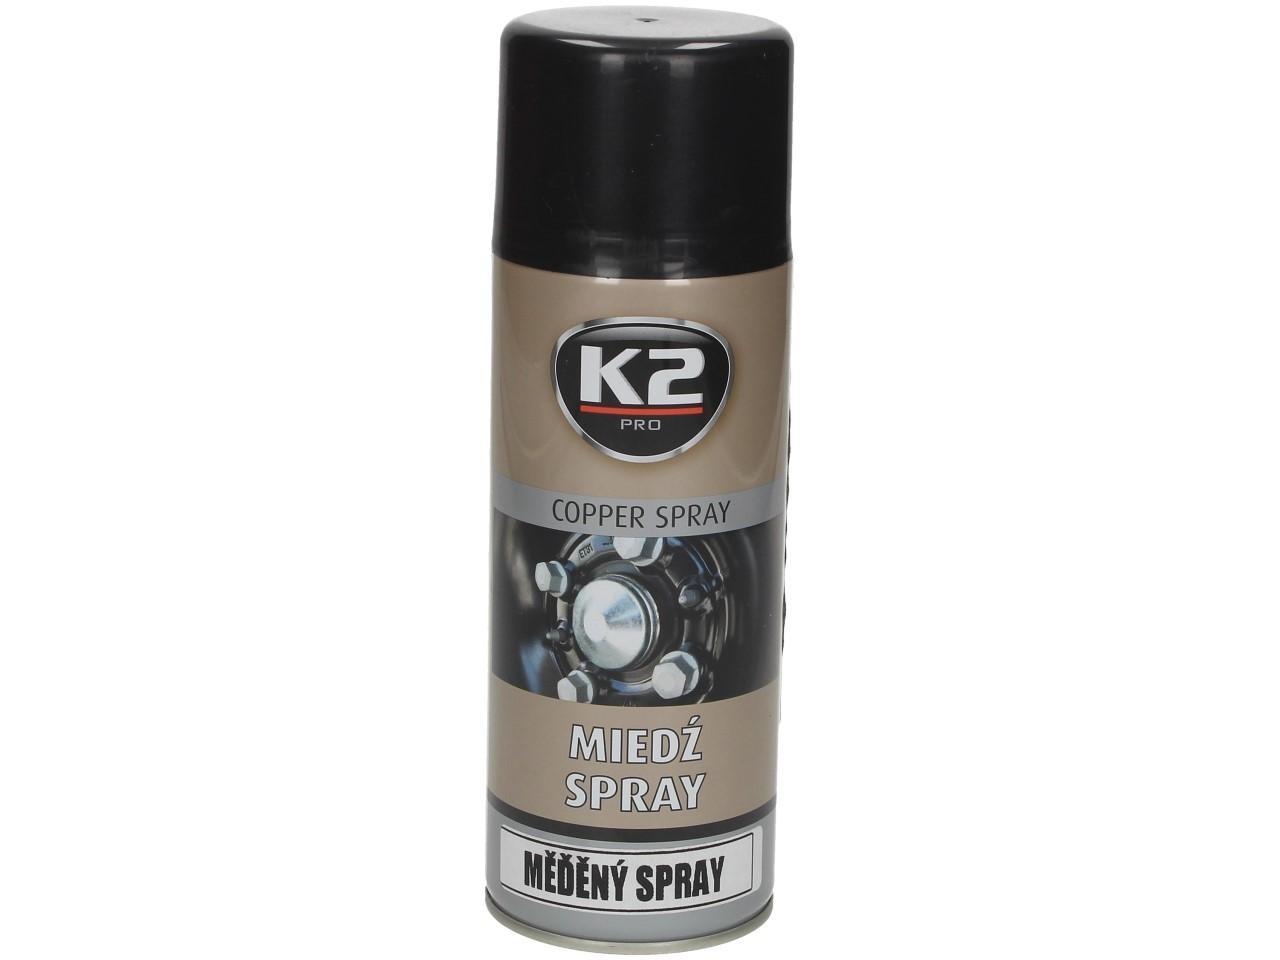 Foto 5 - K2 COPPER SPRAY 400 ml - měděný sprej